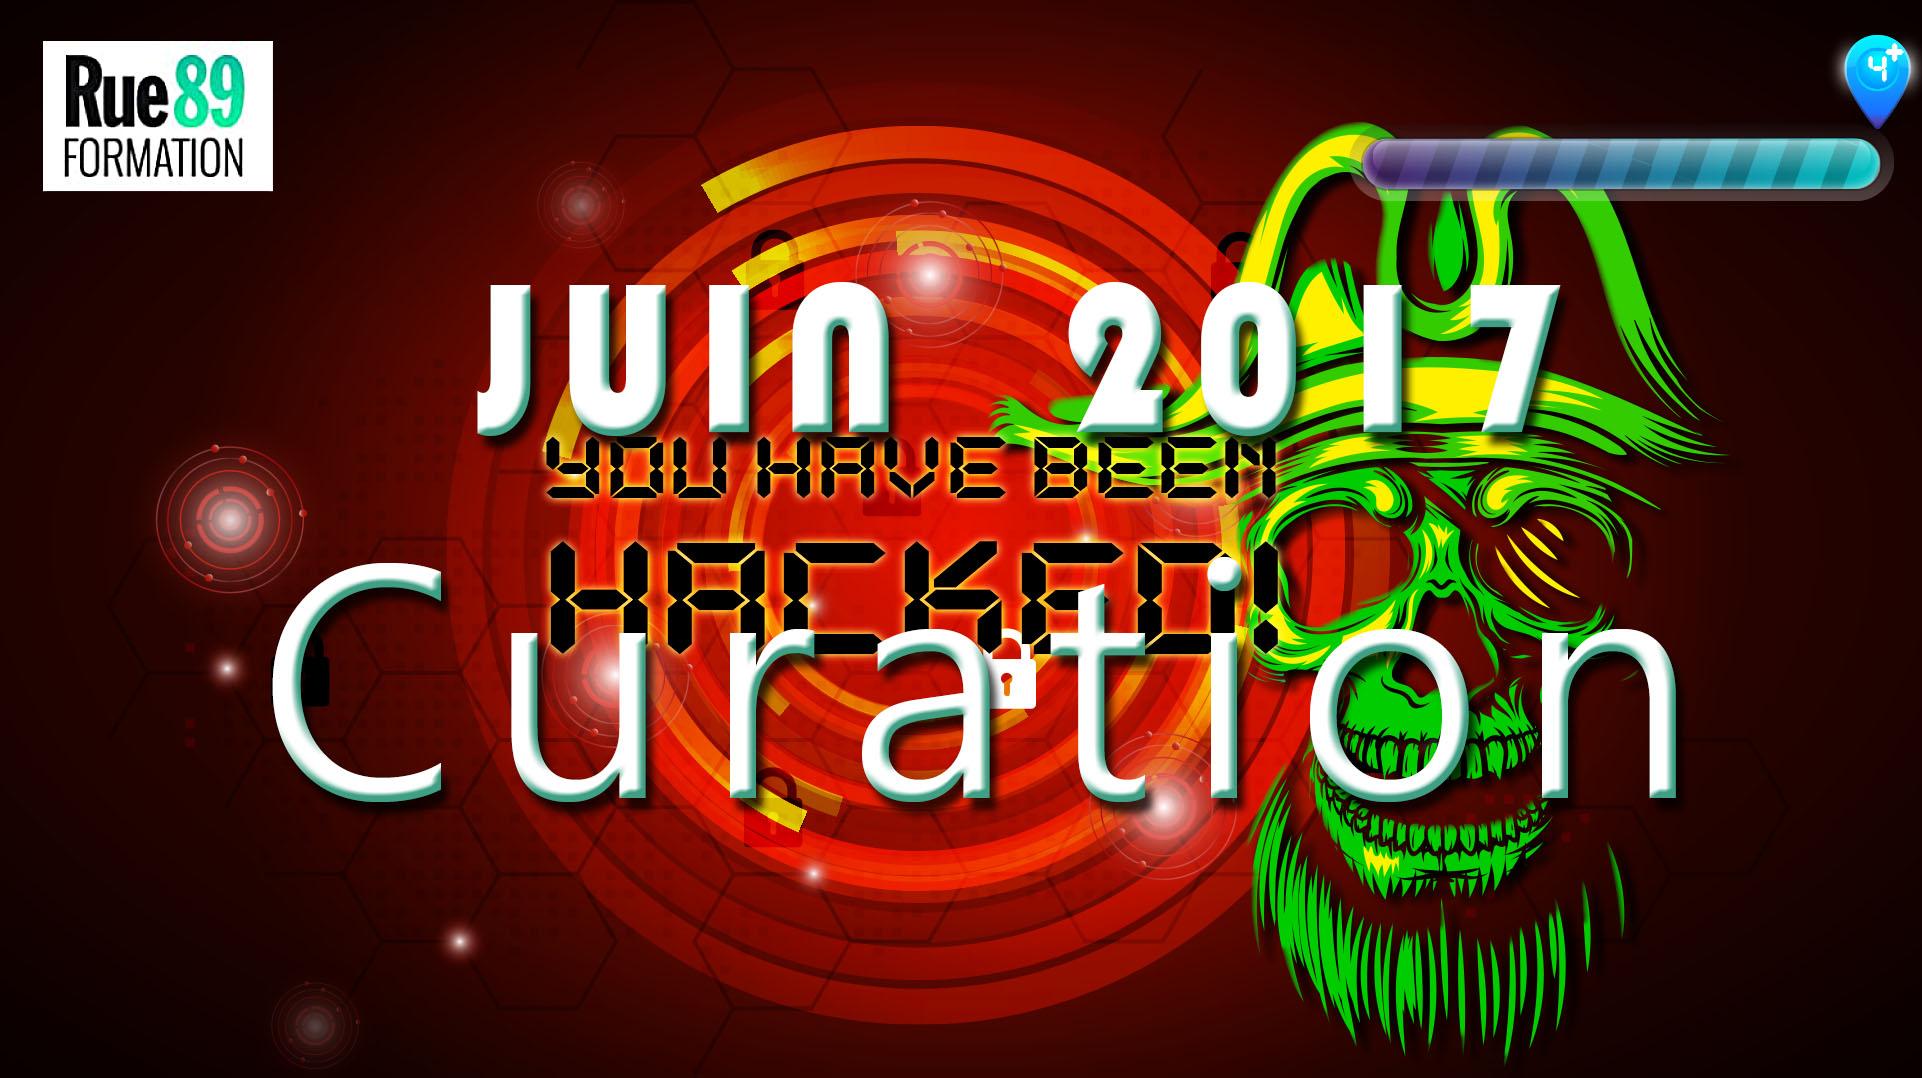 curation juin